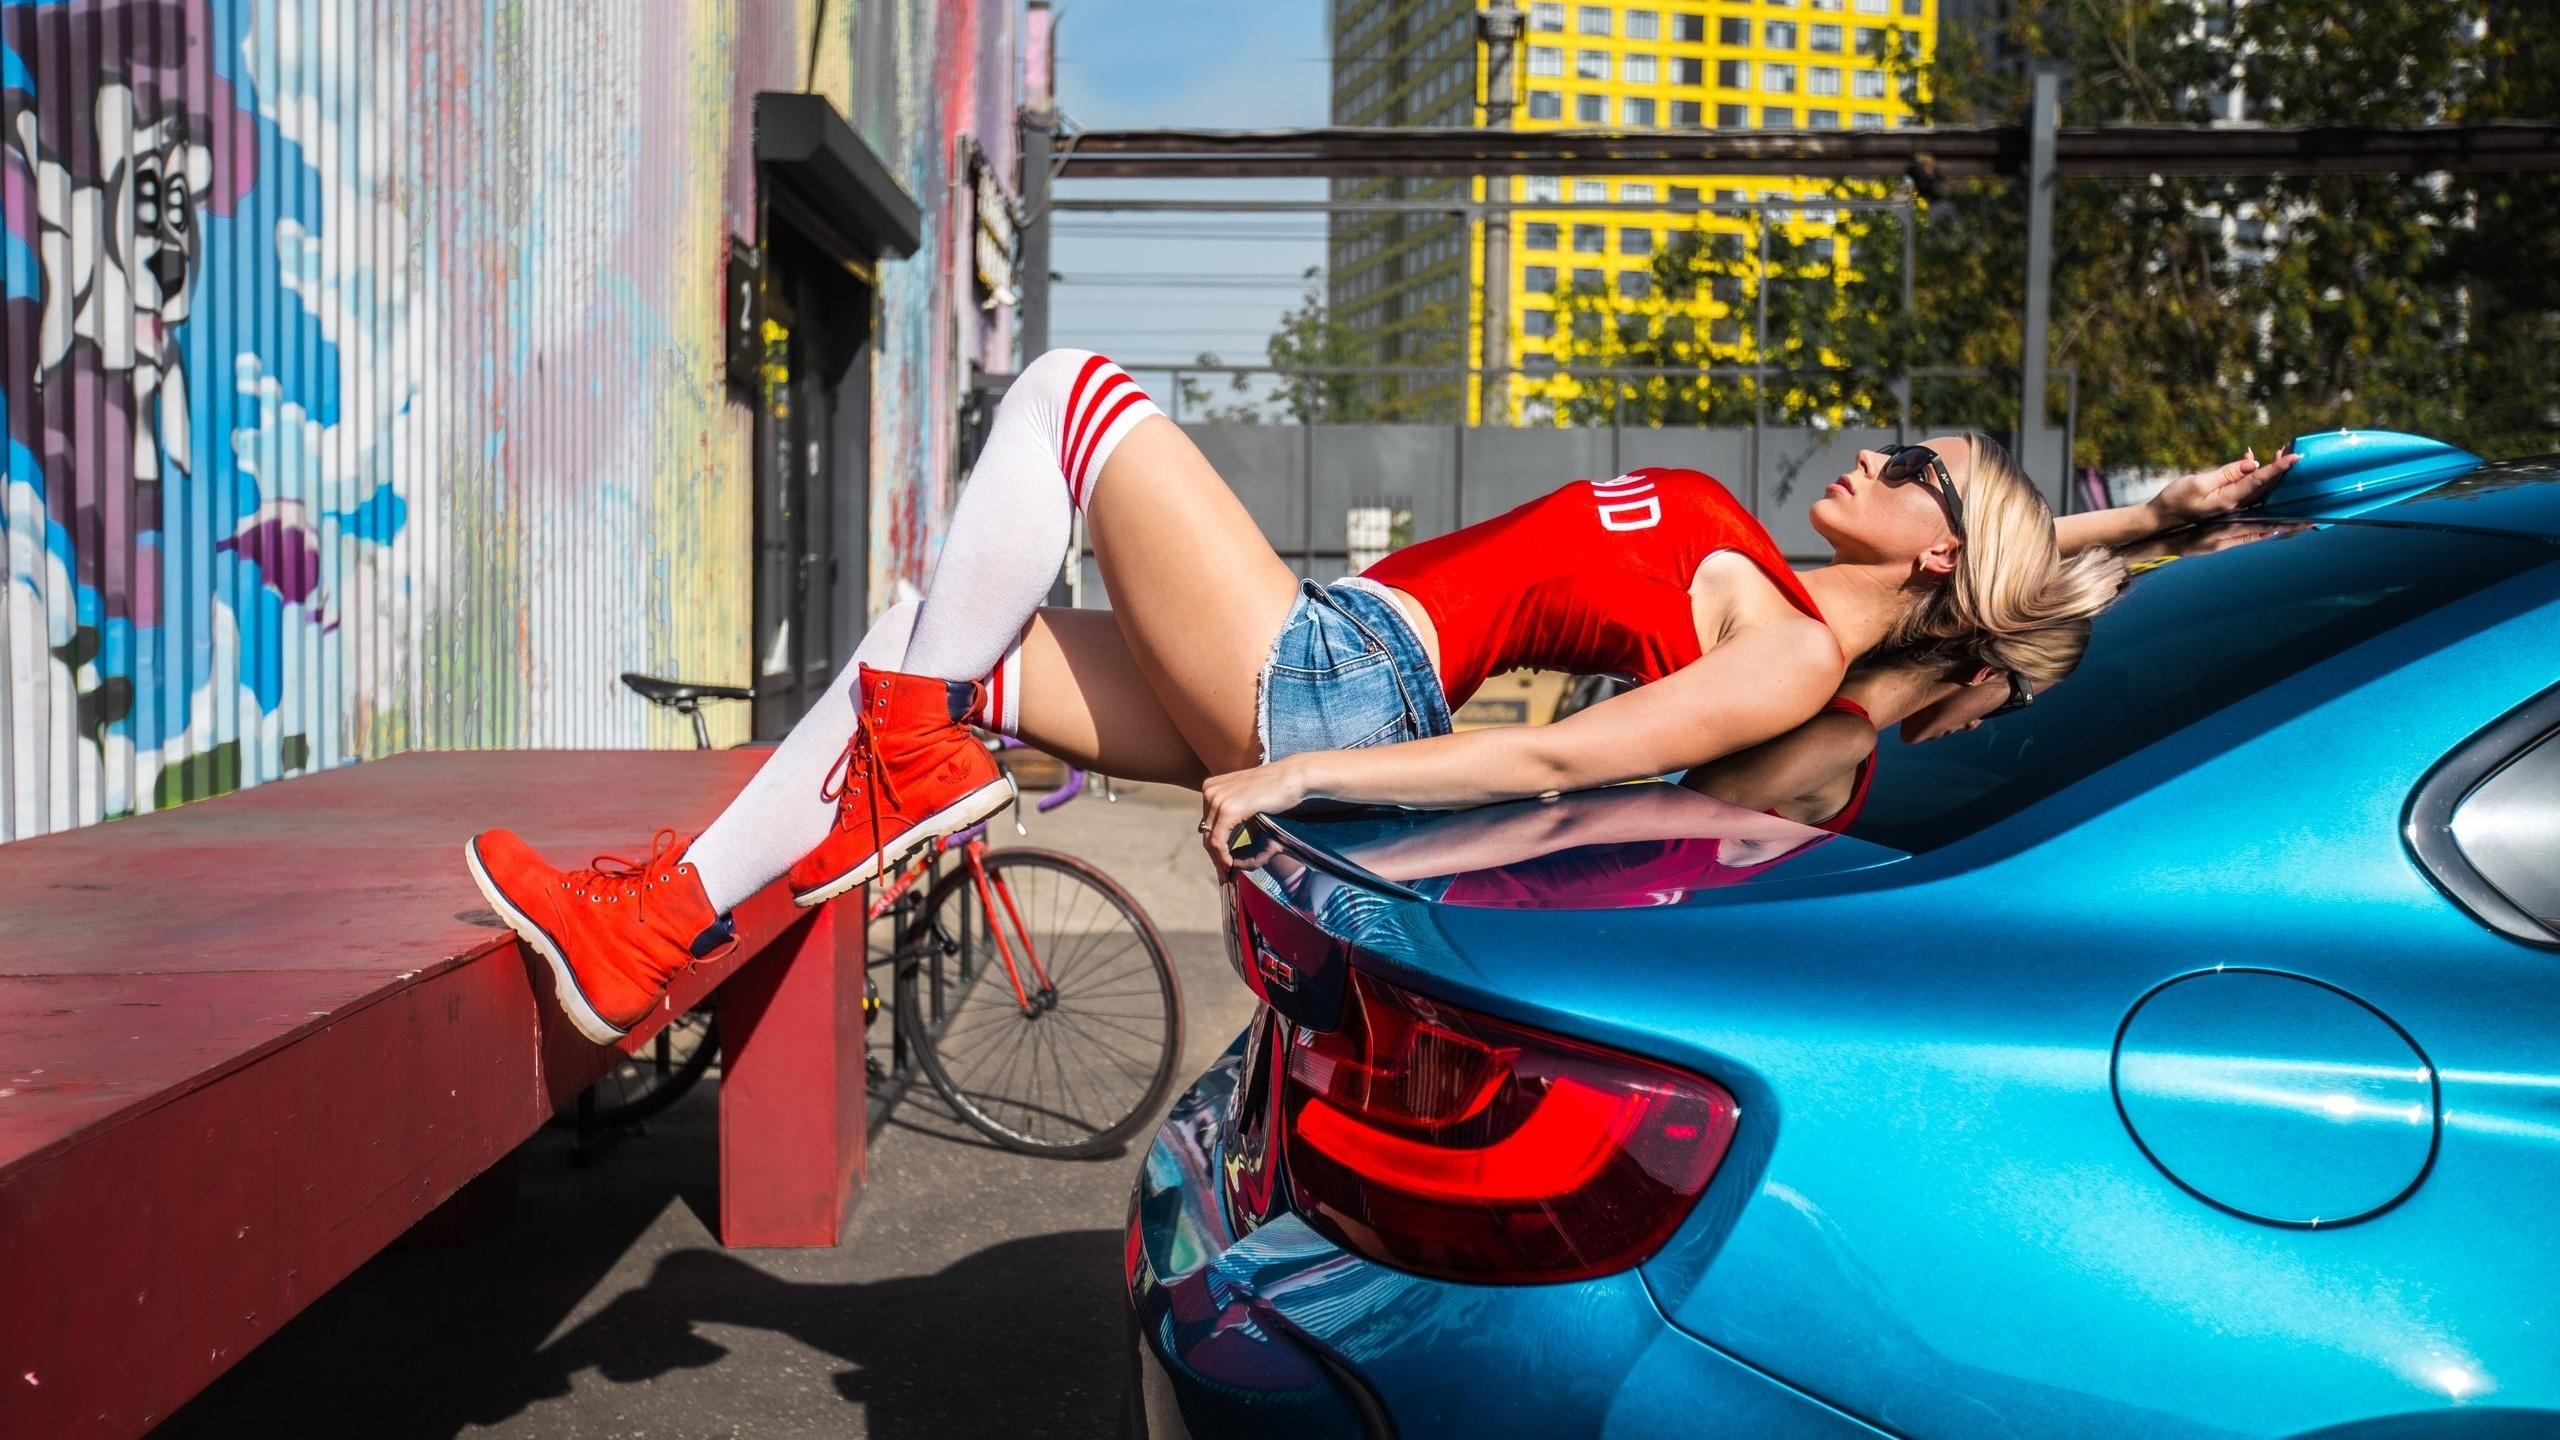 Секс с машинами конча вылетает из девушек от машин, фото она отсосала